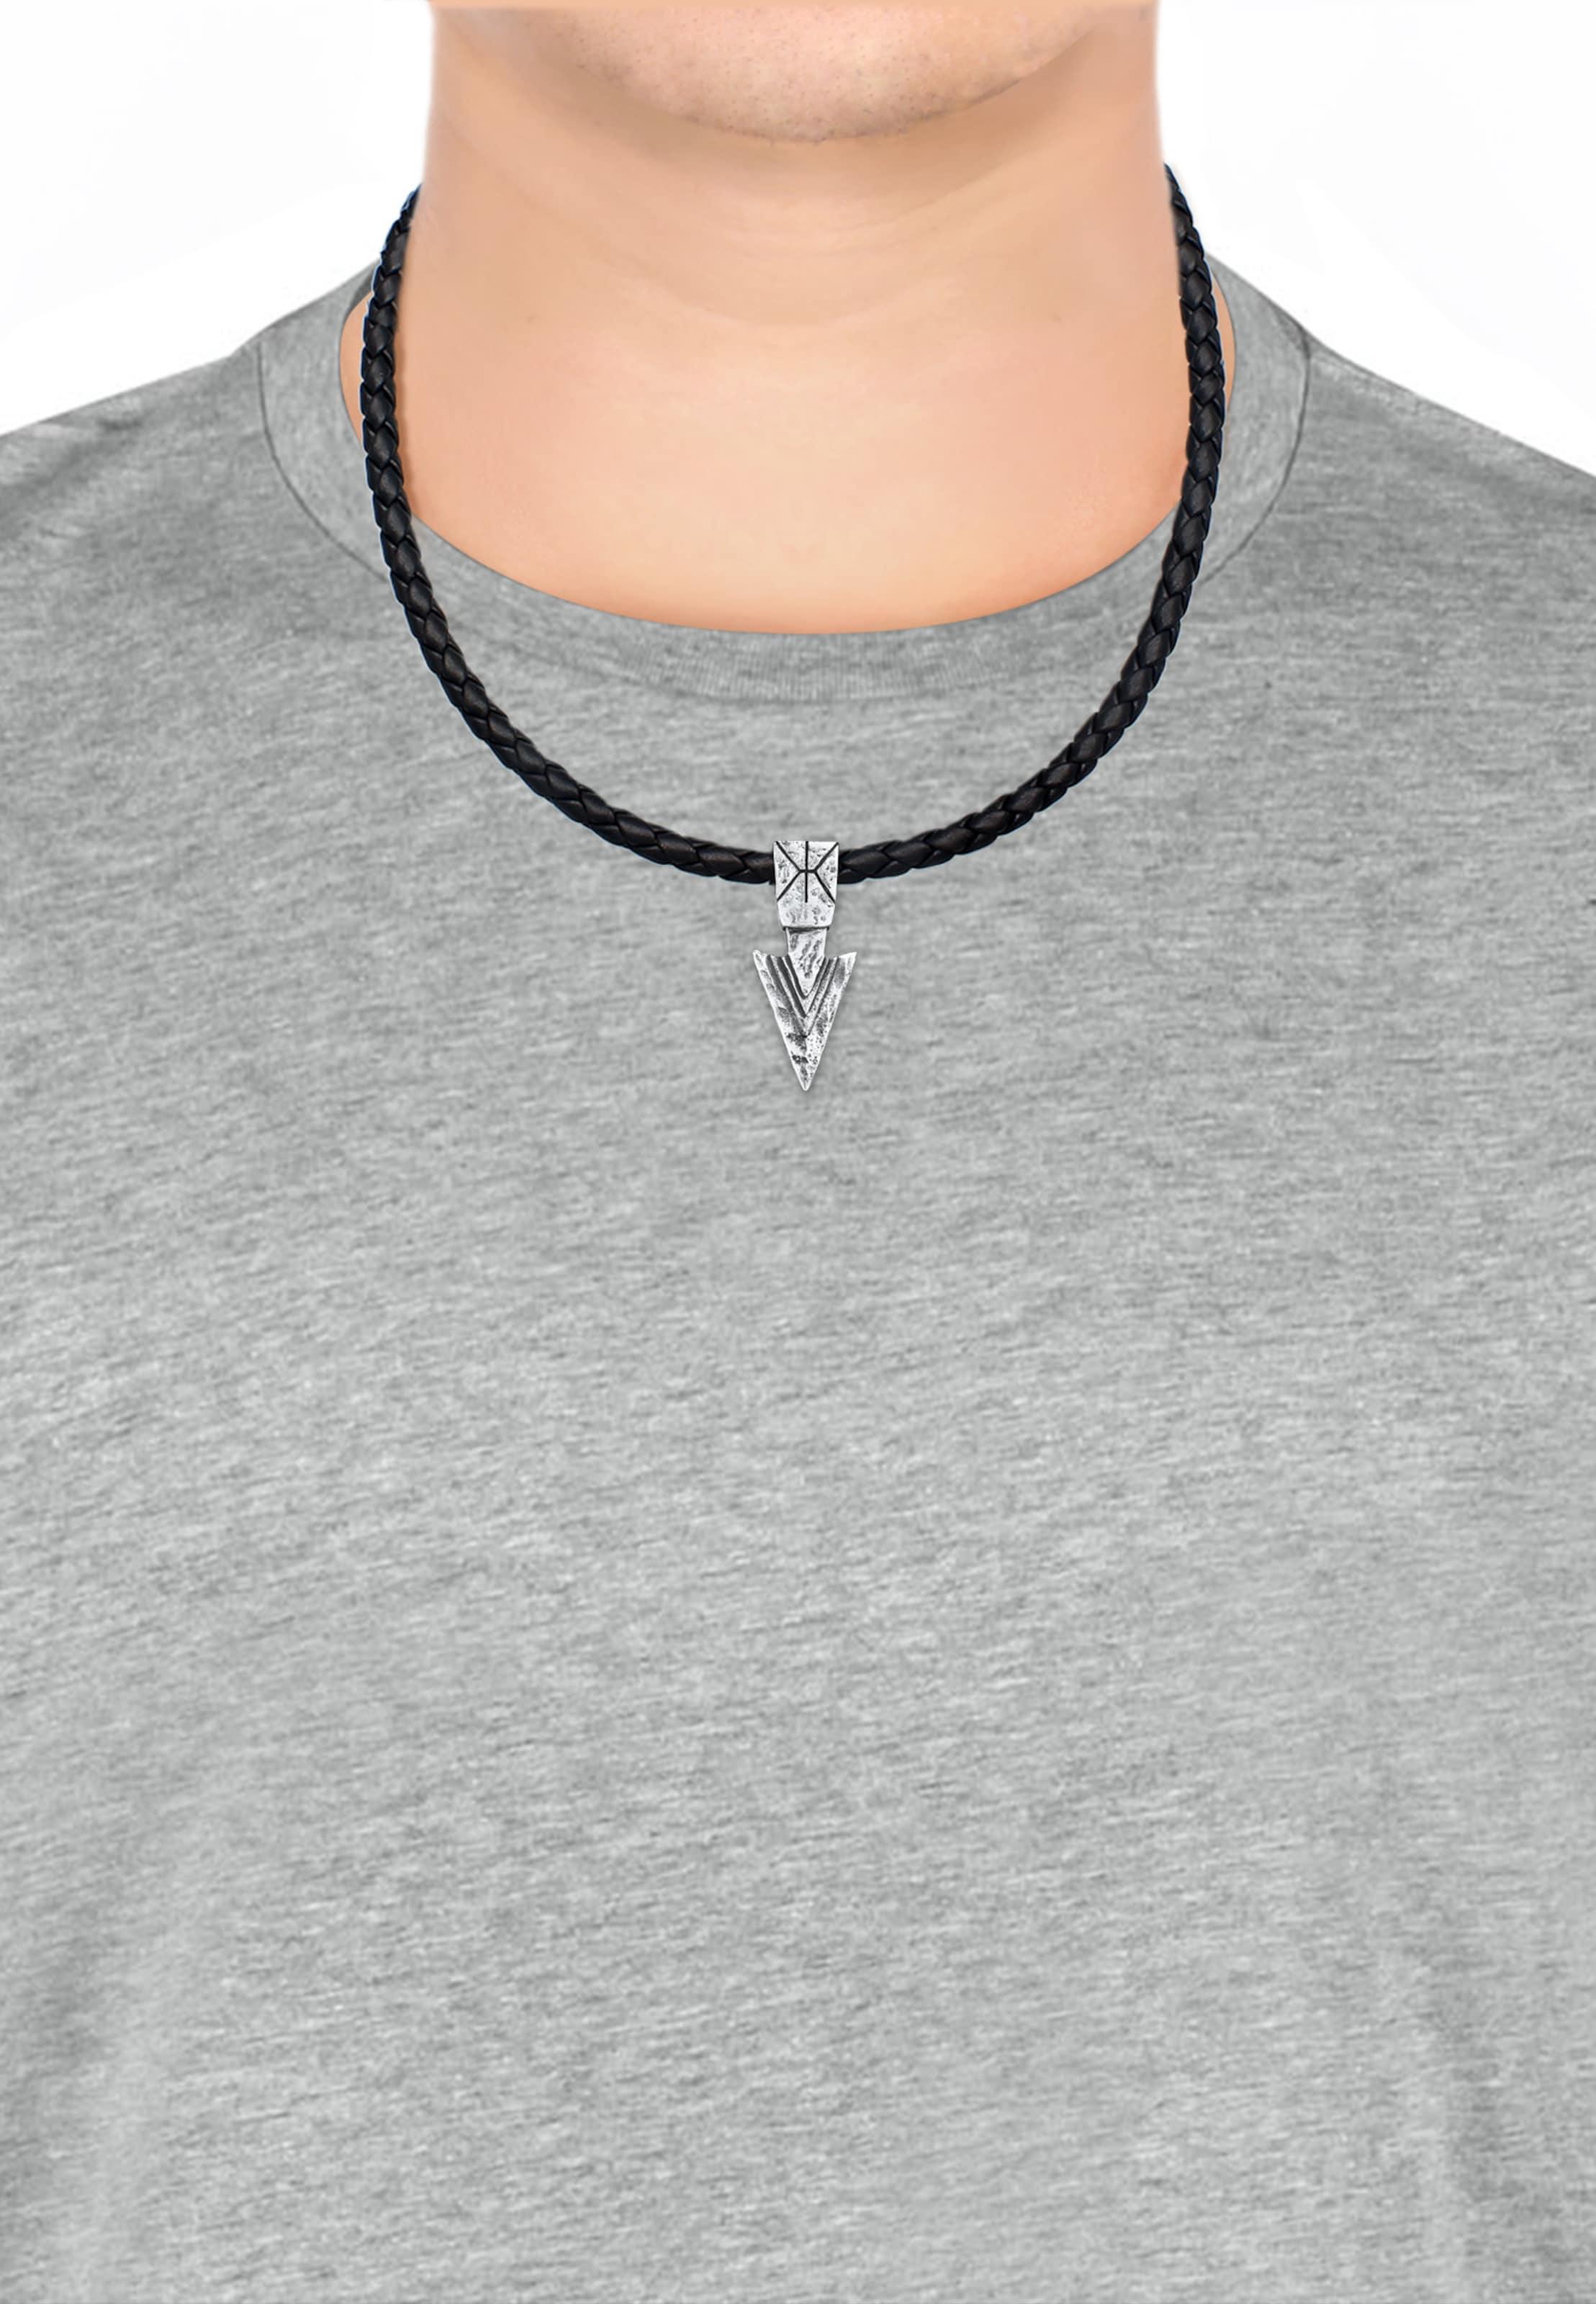 Halskette Halskette Kuzzoi Halskette In In SchwarzSilber Kuzzoi In Kuzzoi SchwarzSilber Tlc1KFJ